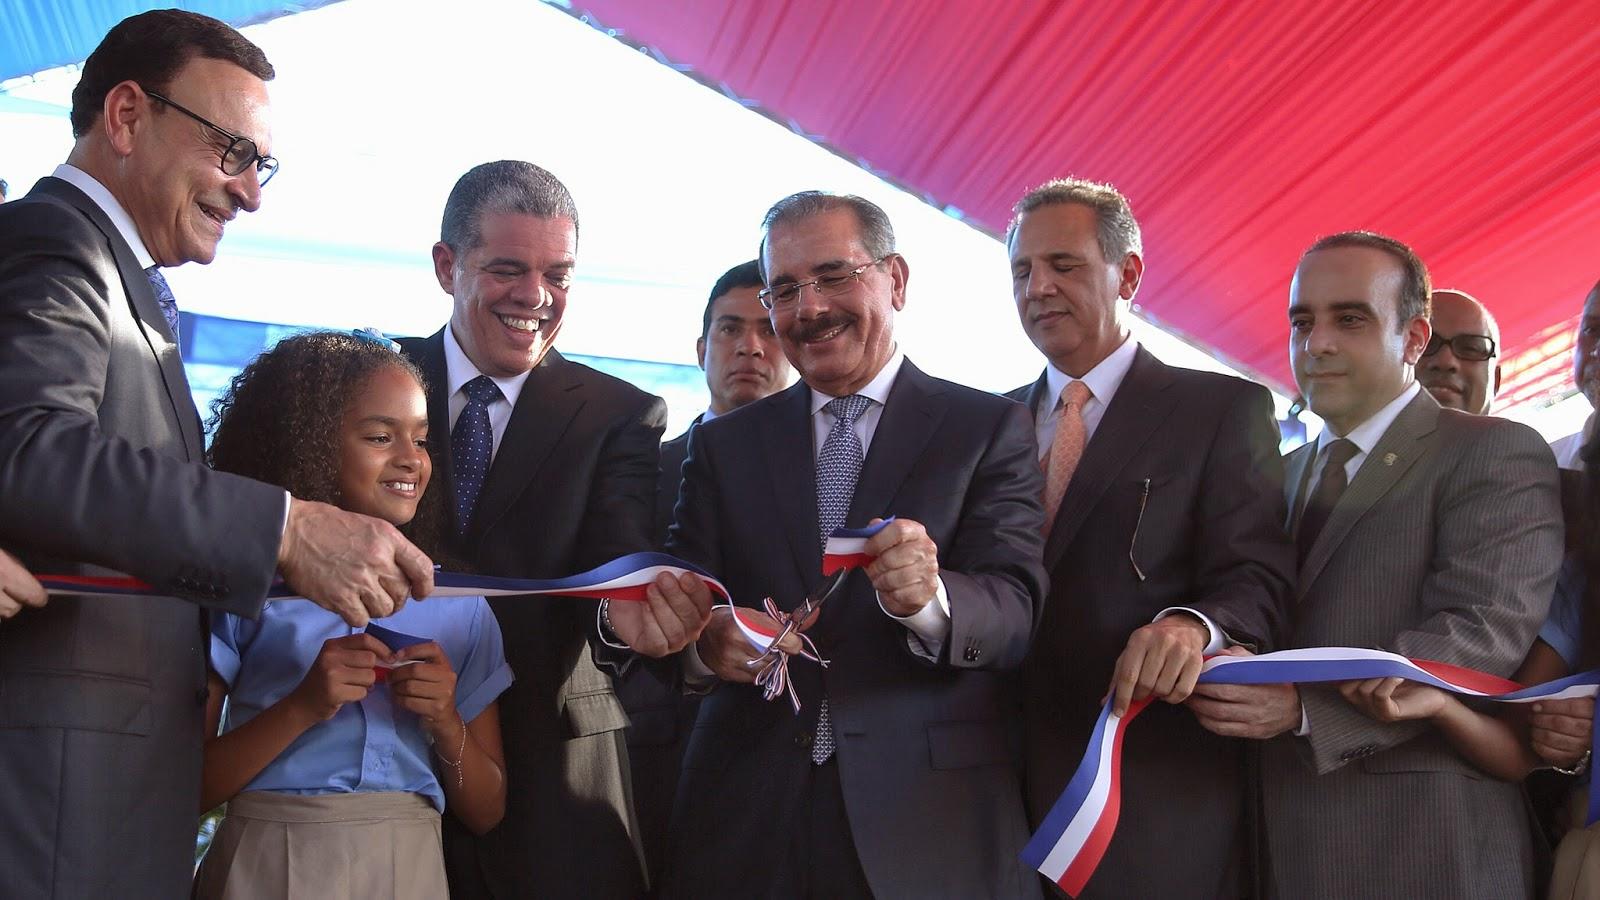 Día especial para María Trinidad Sánchez. Danilo Medina entrega 56 aulas